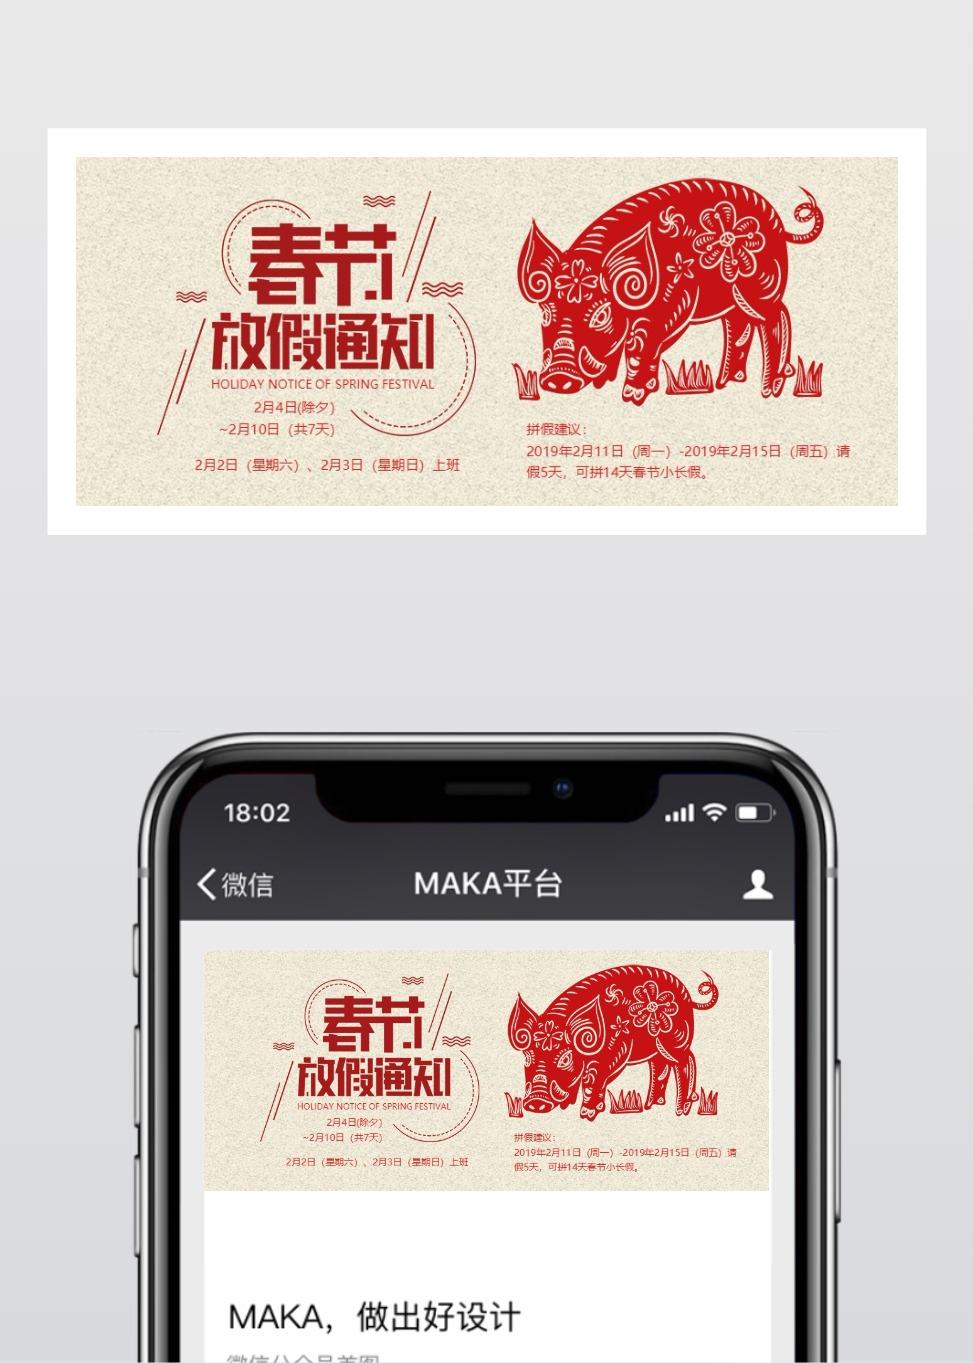 2019新年春节放假通知公众号封面大图